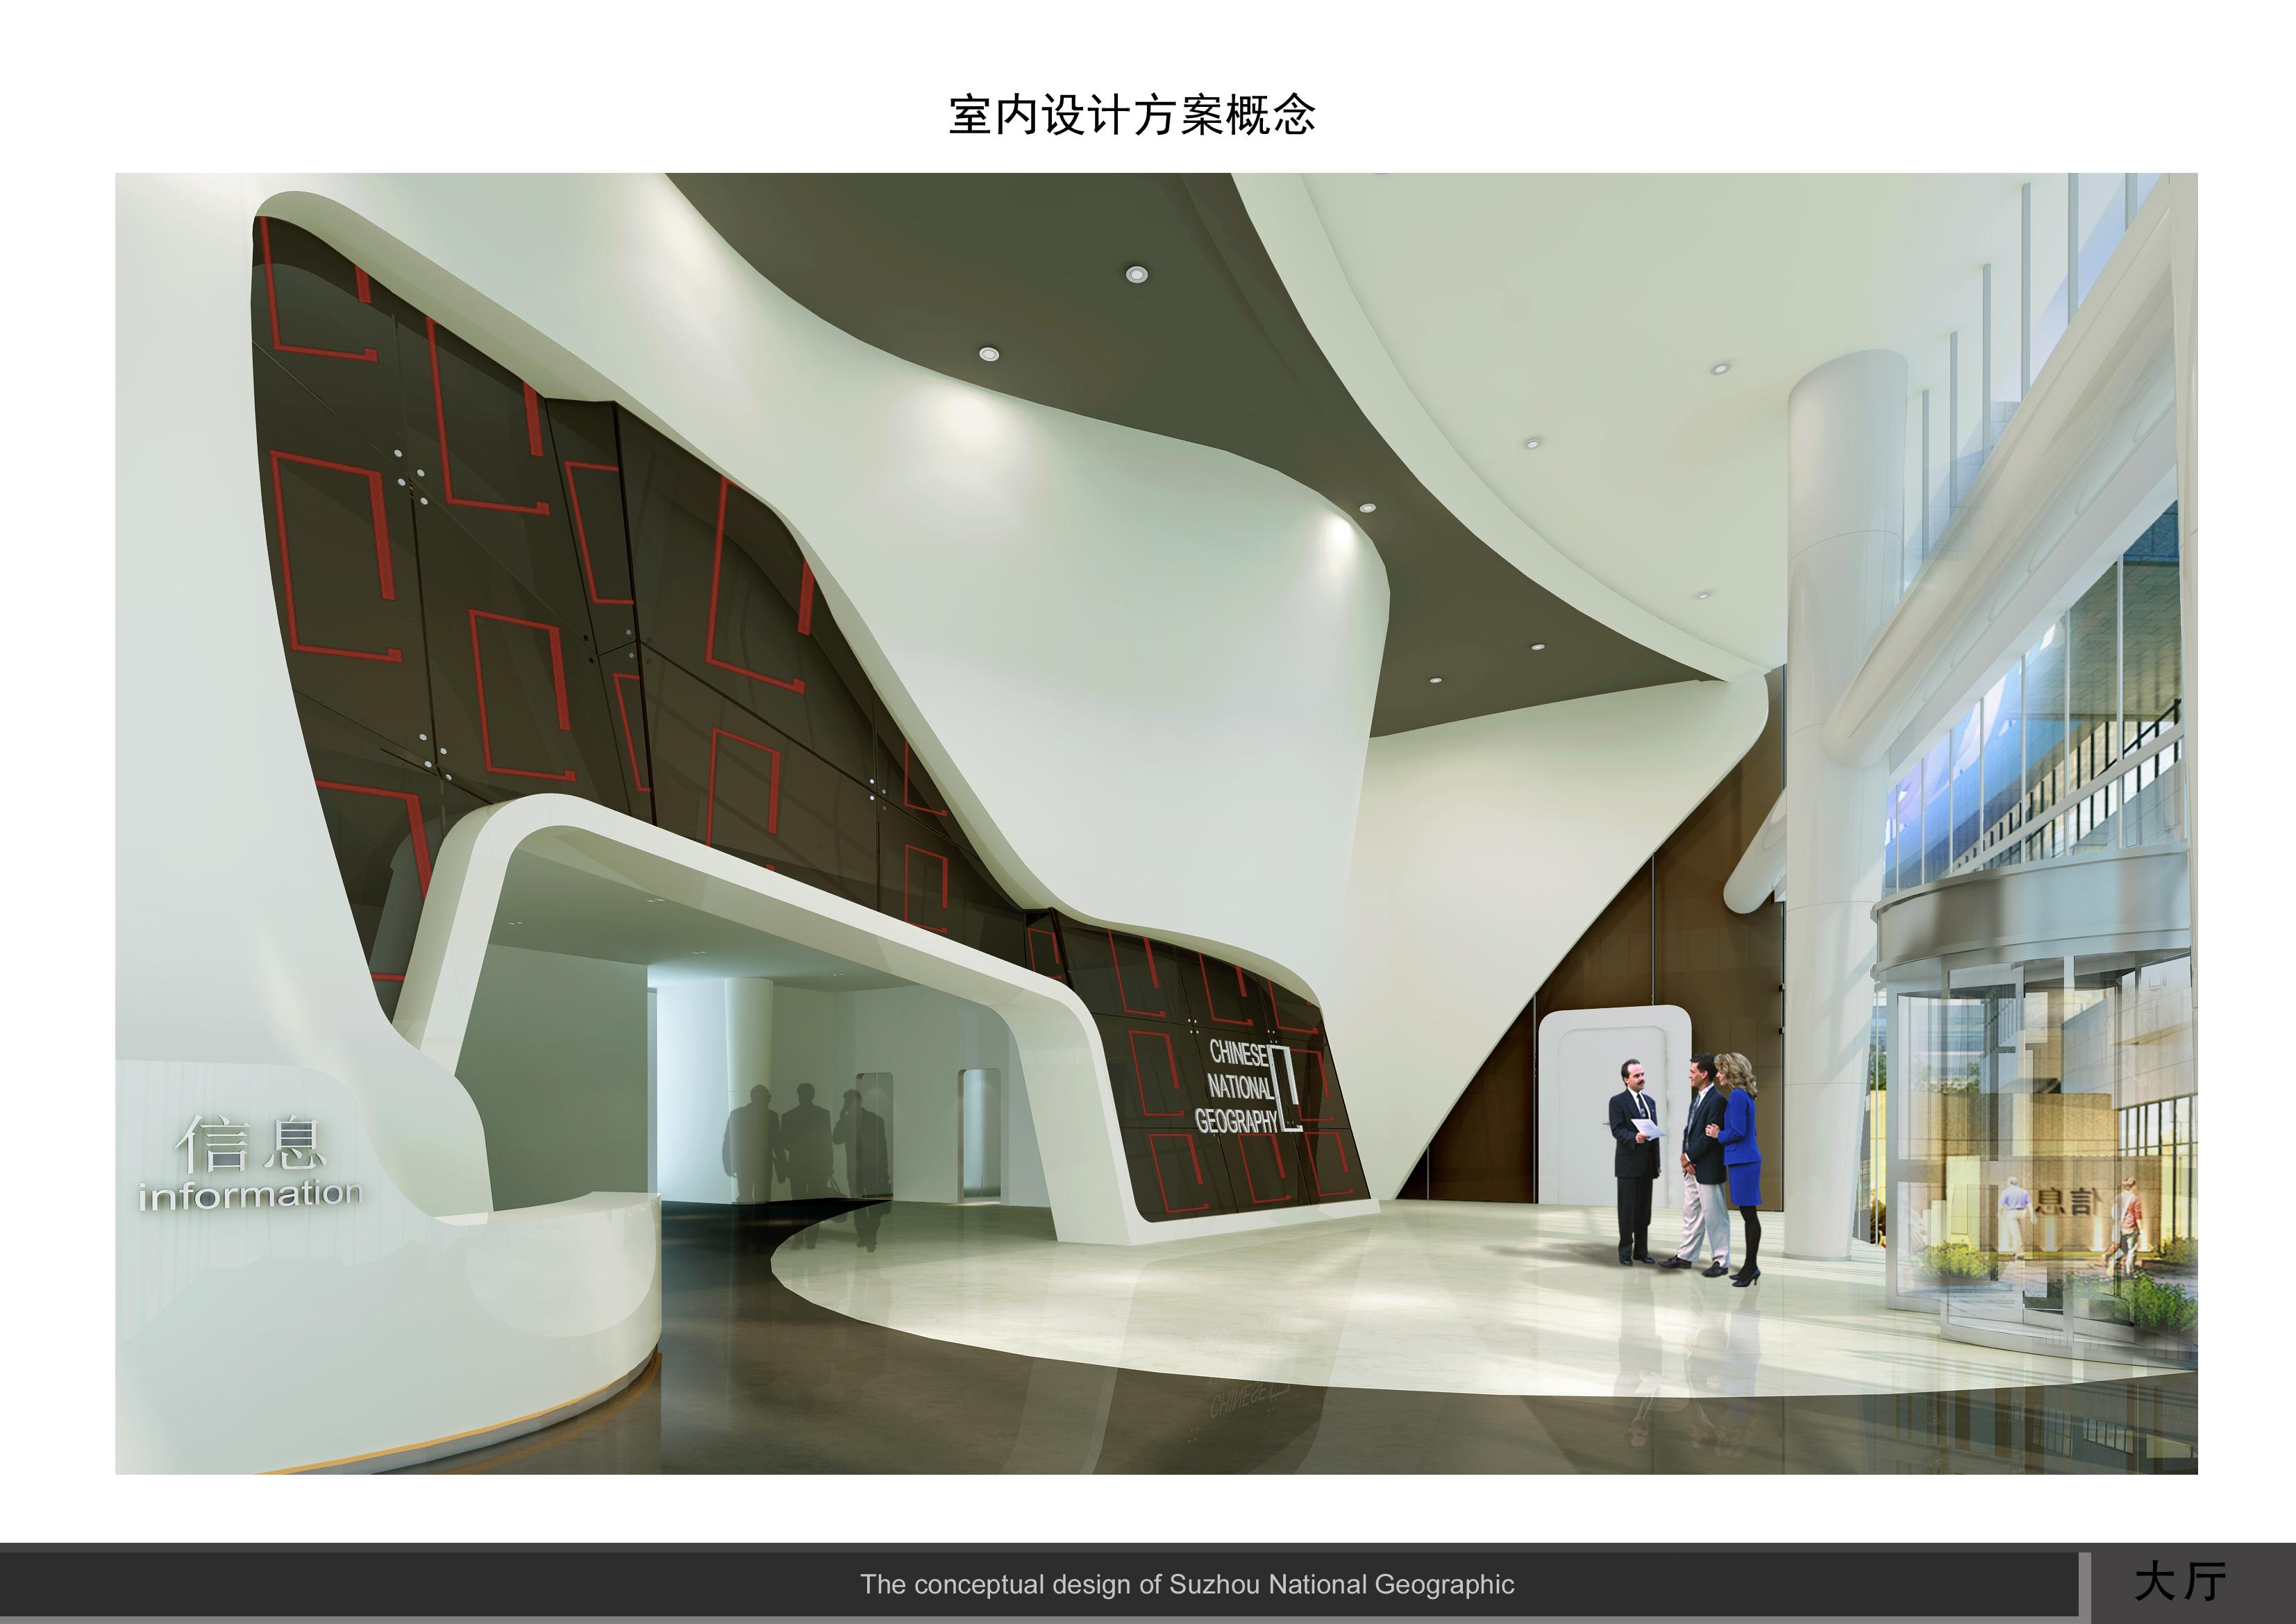 苏州国家地理与文化信息中心 (2).jpg